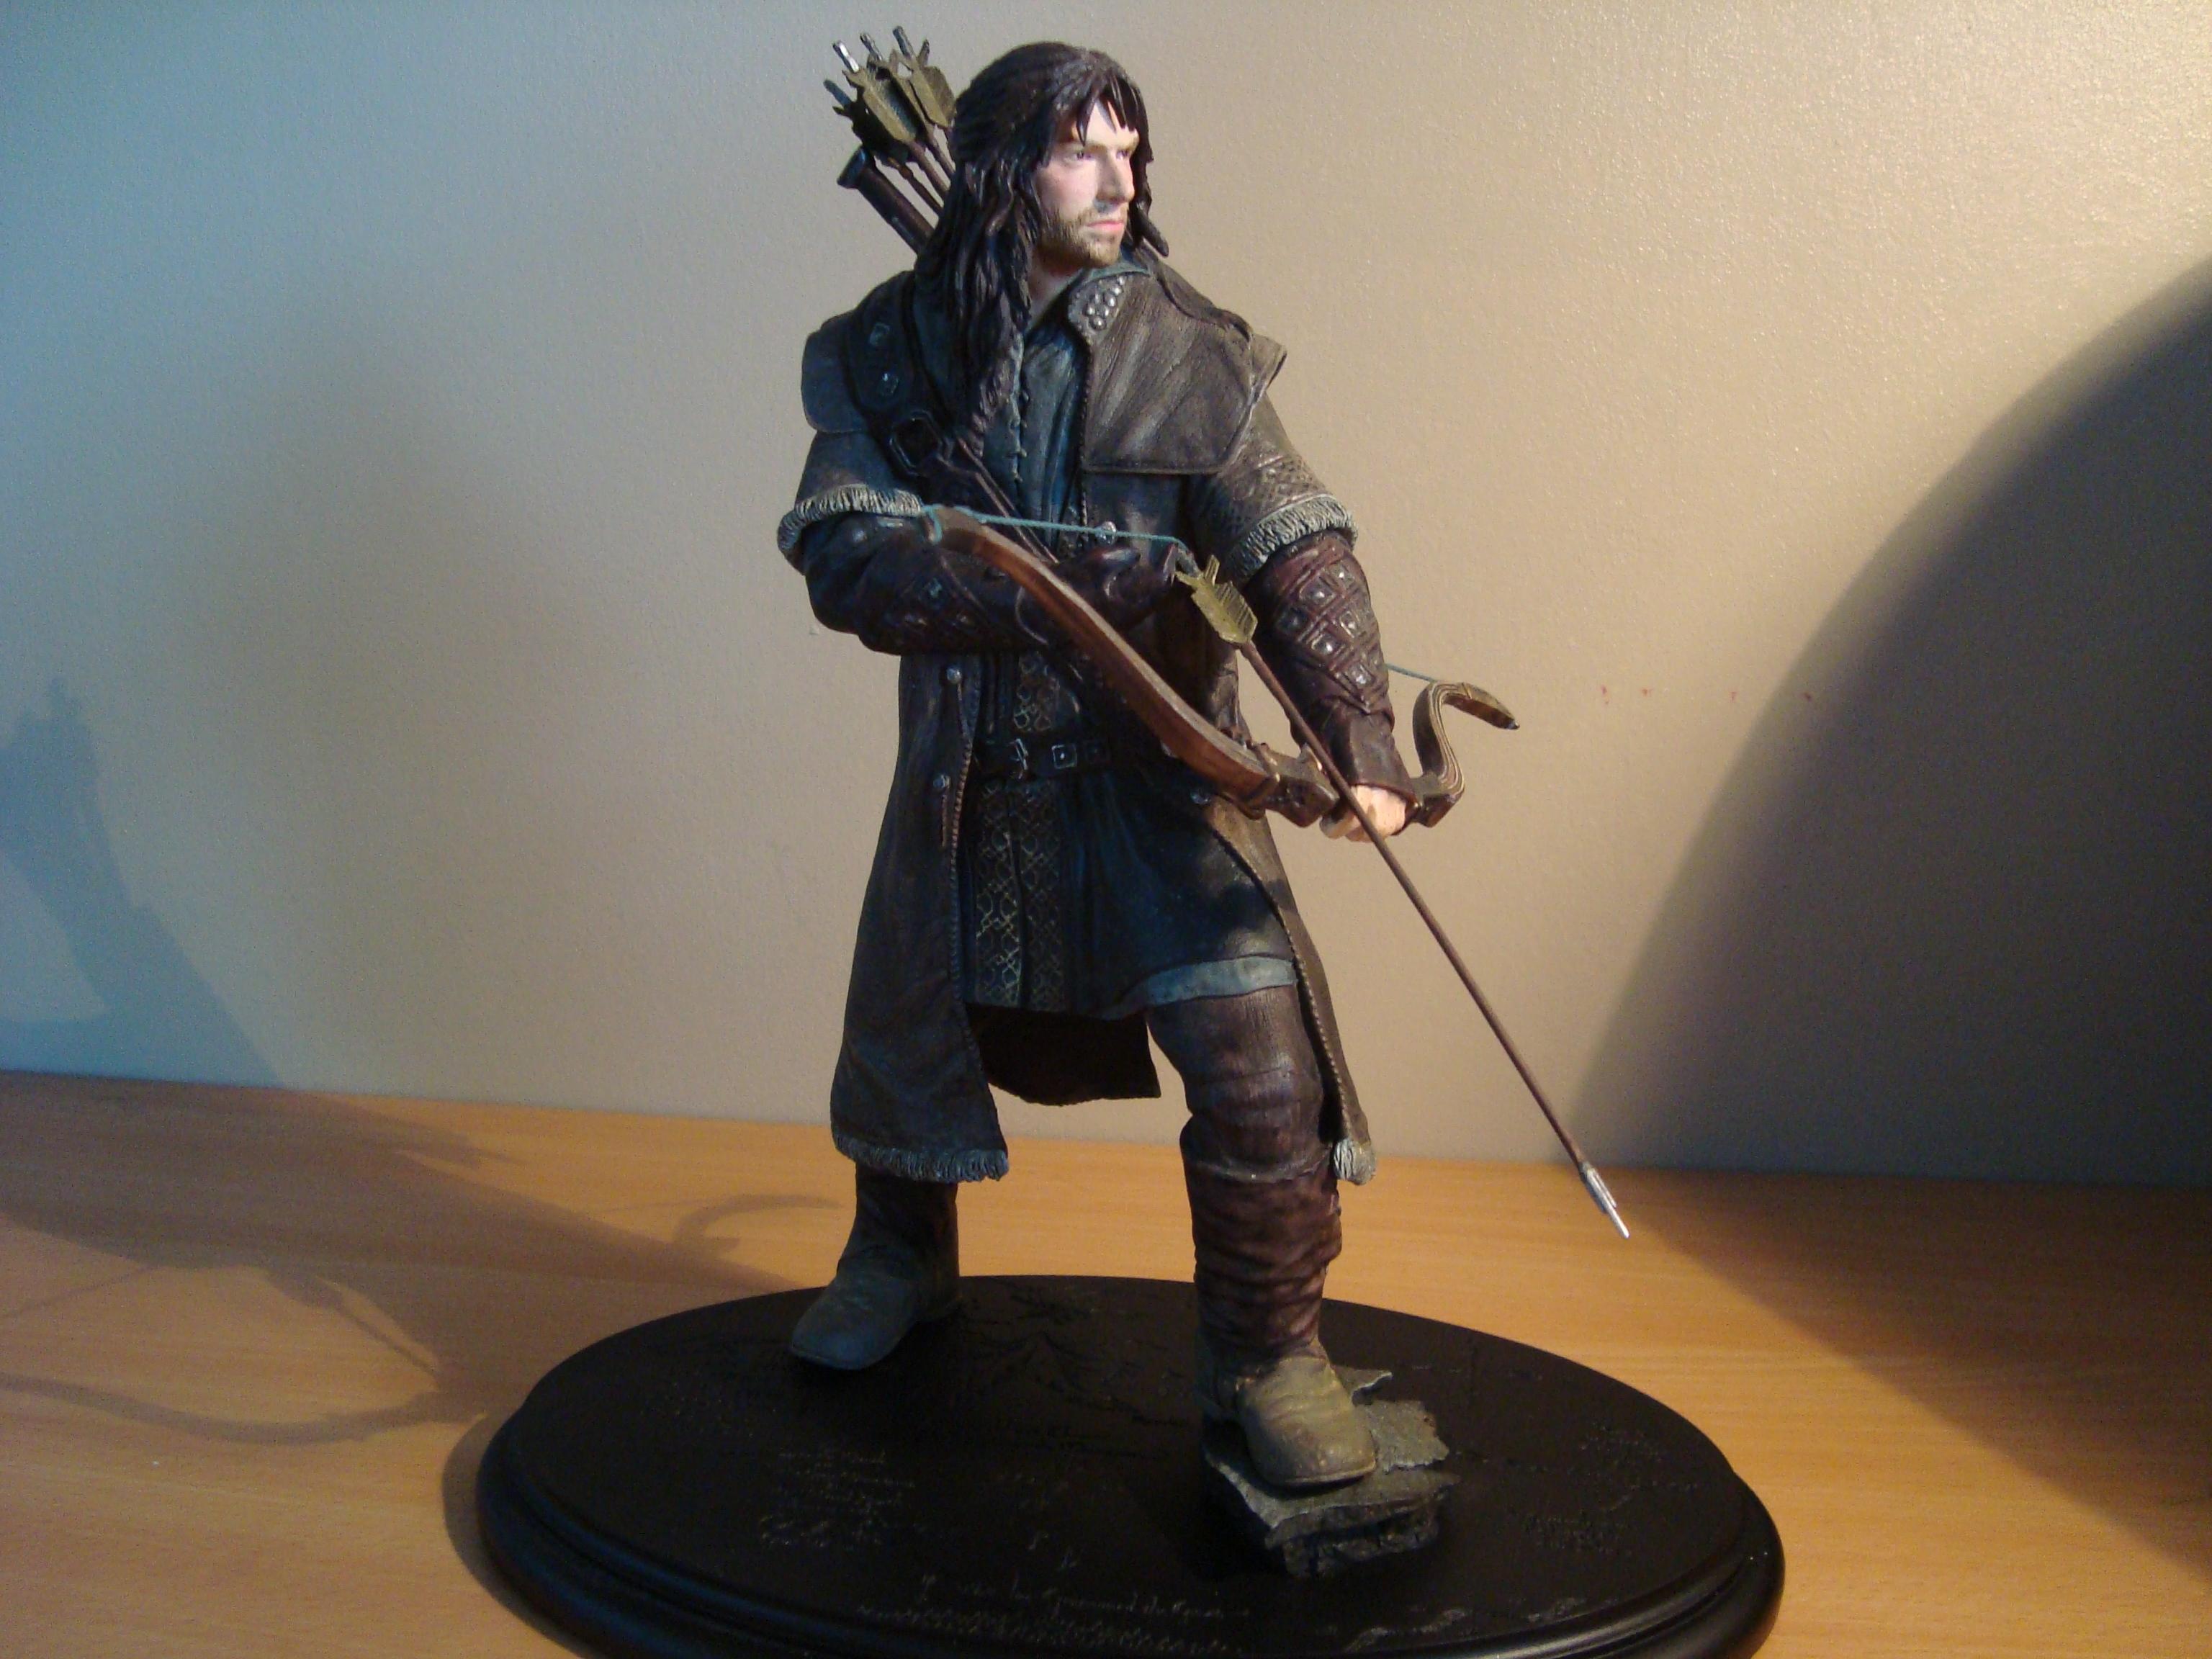 Le Seigneur des Anneaux / The Hobbit #3 414381Kilithedwarf05